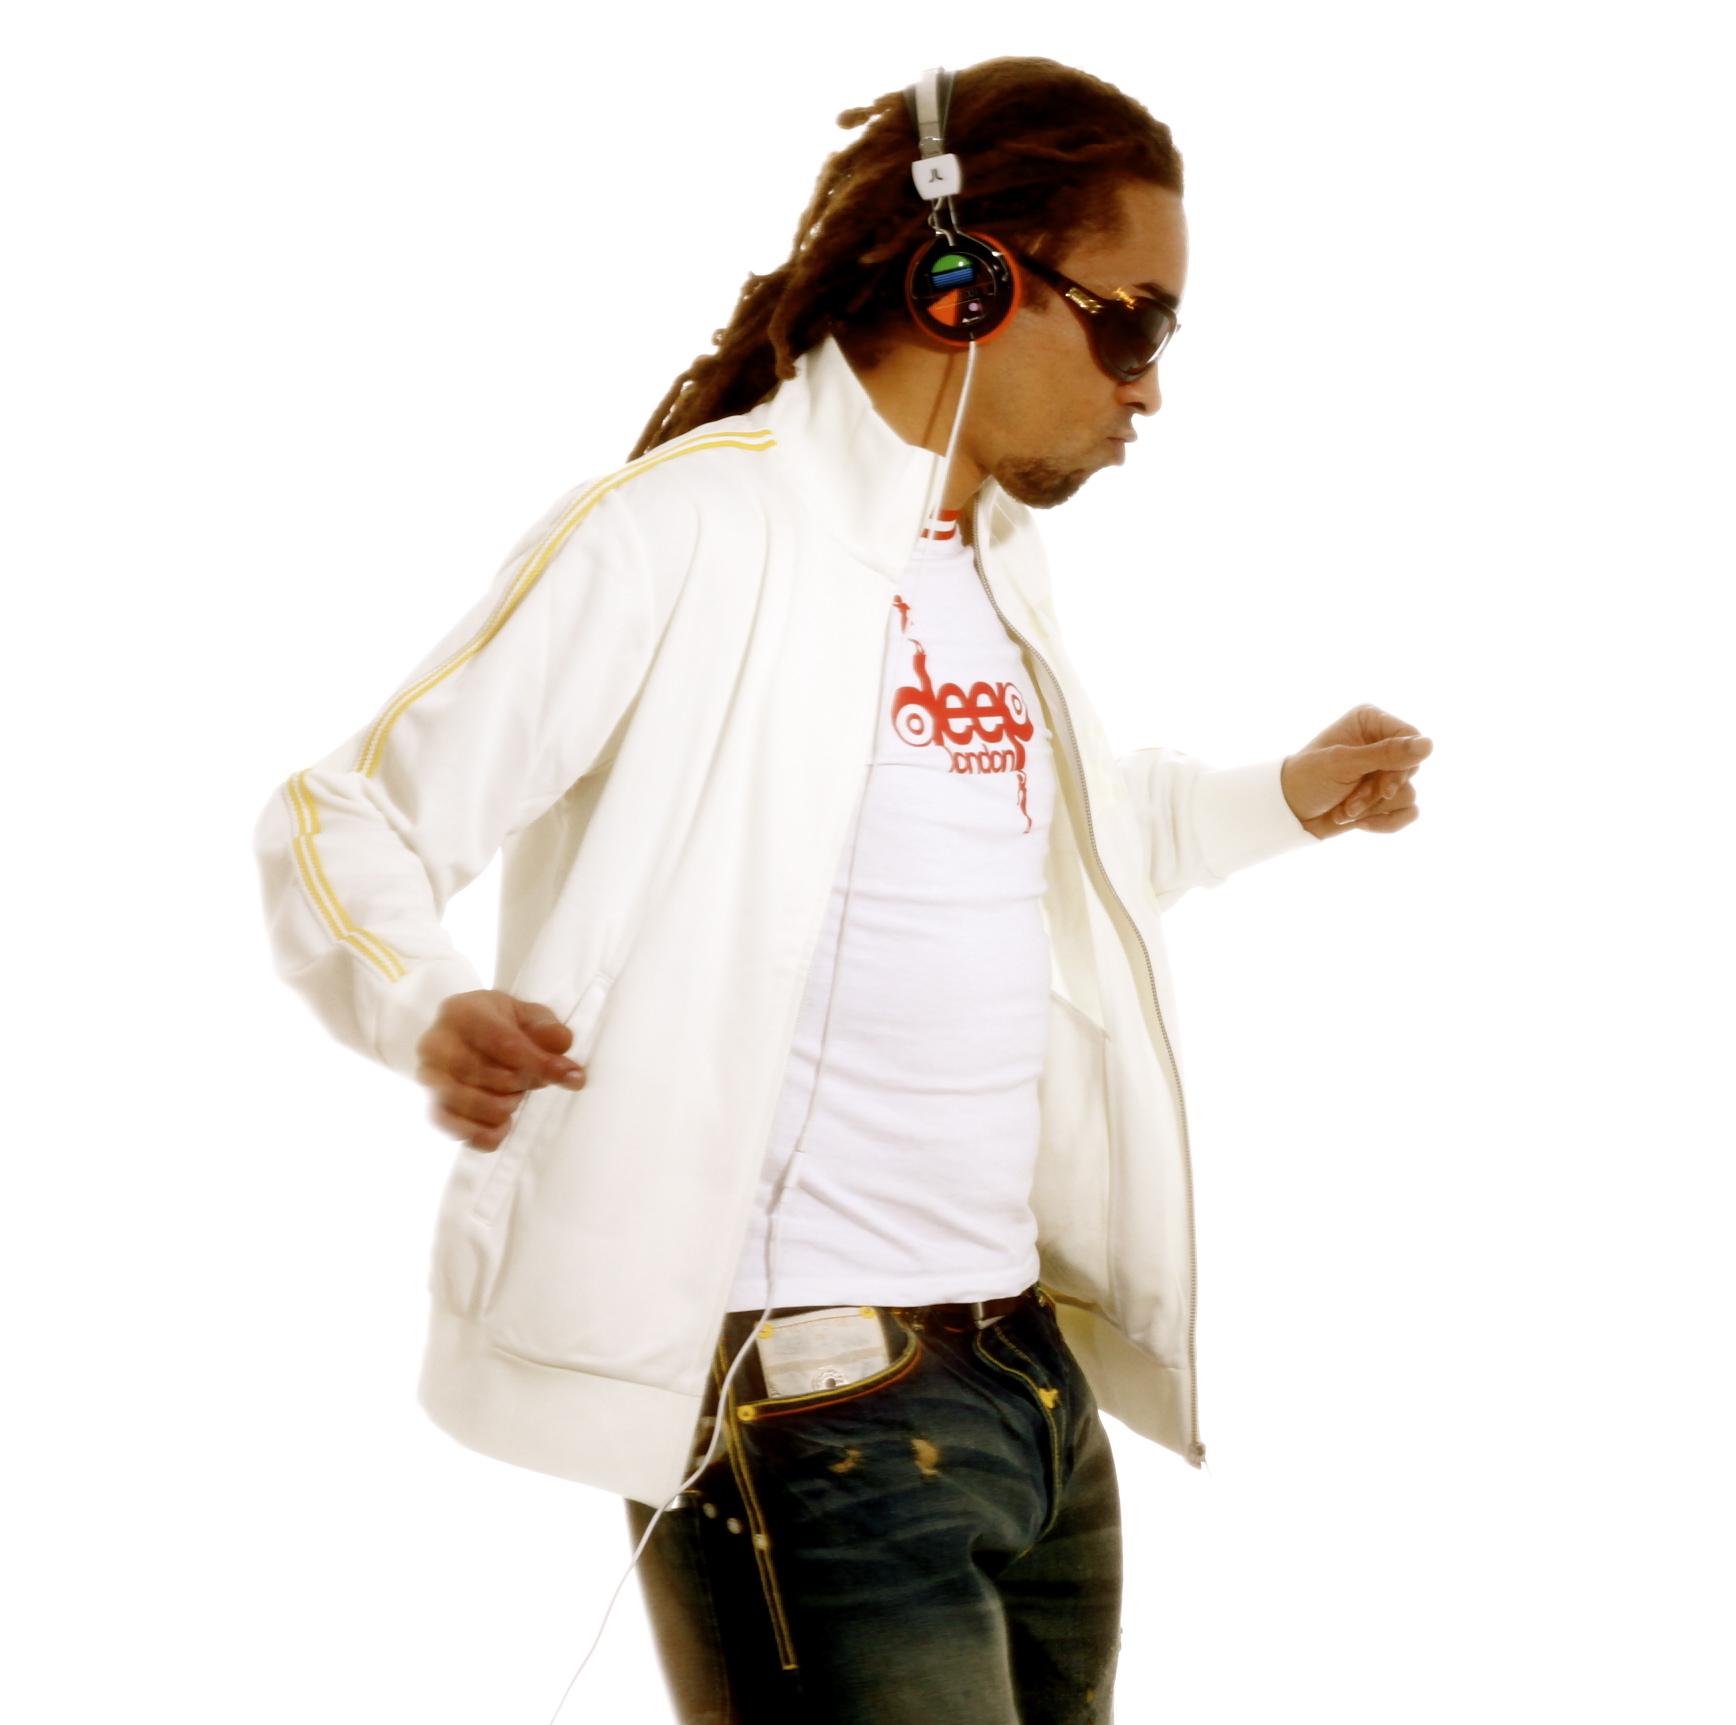 DJ Stan-ley